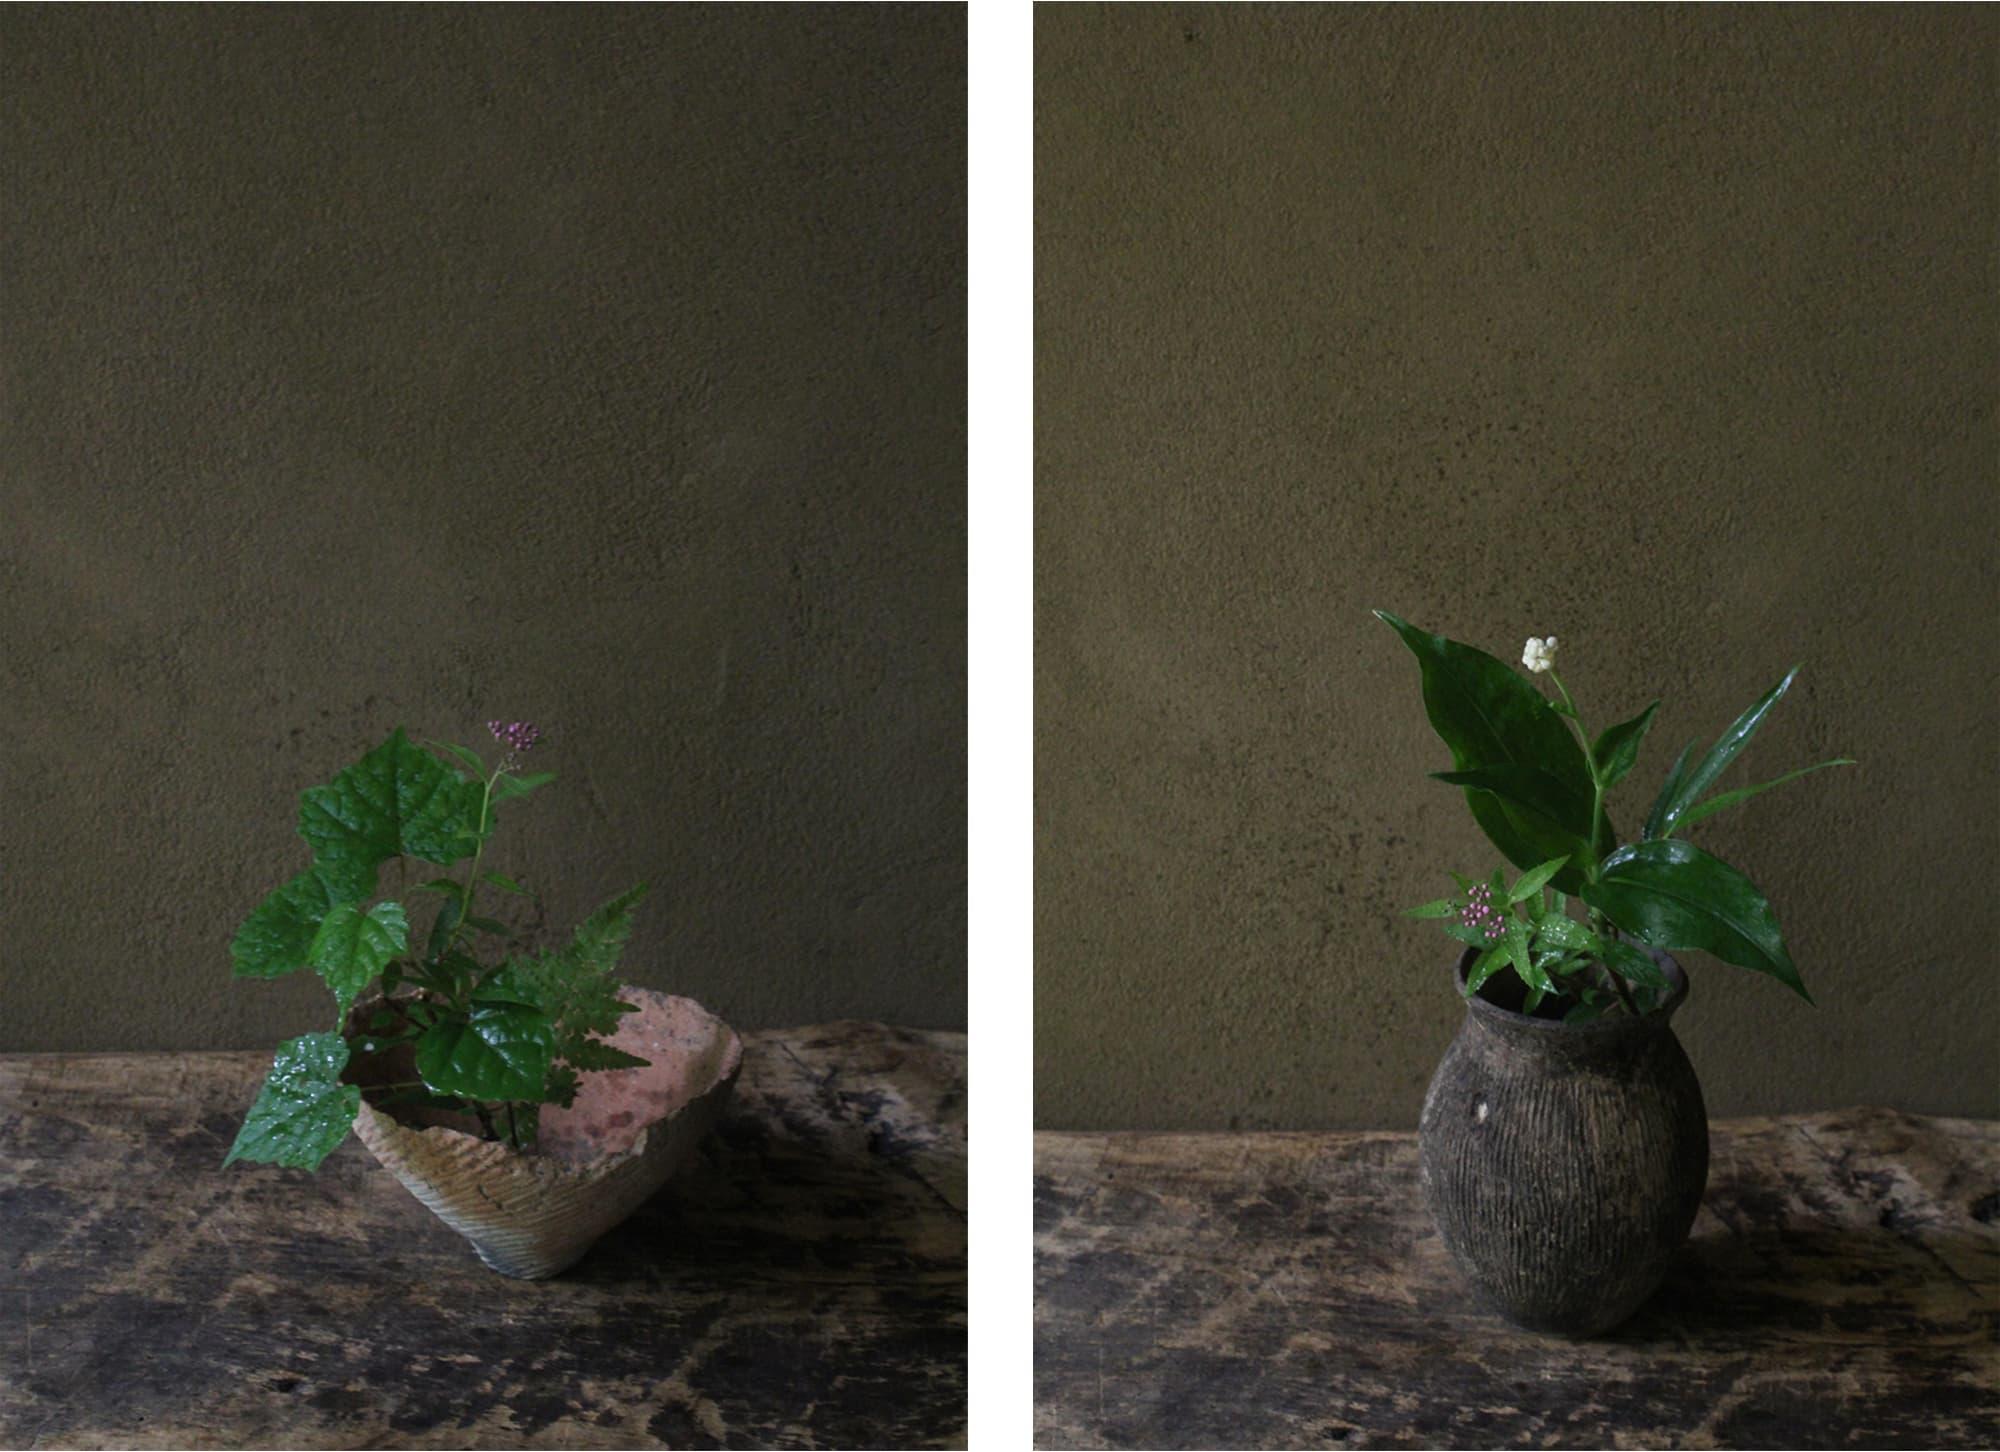 花人・坂村岳志のいける生け花。左:その季々に美しいと感じたものをその姿のままにいける。 右:季節を感じ、その空間に必要とされている花や緑をいけていく。